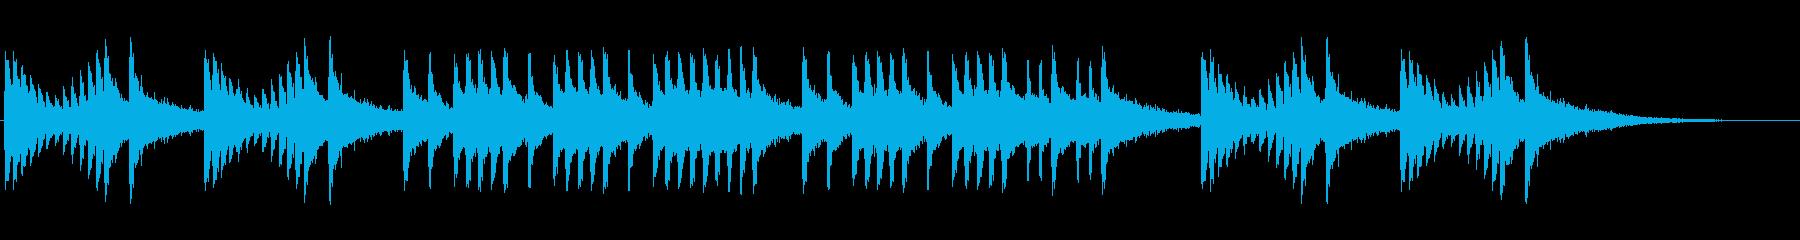 行進曲、マーチ風の長めのドラムロールの再生済みの波形